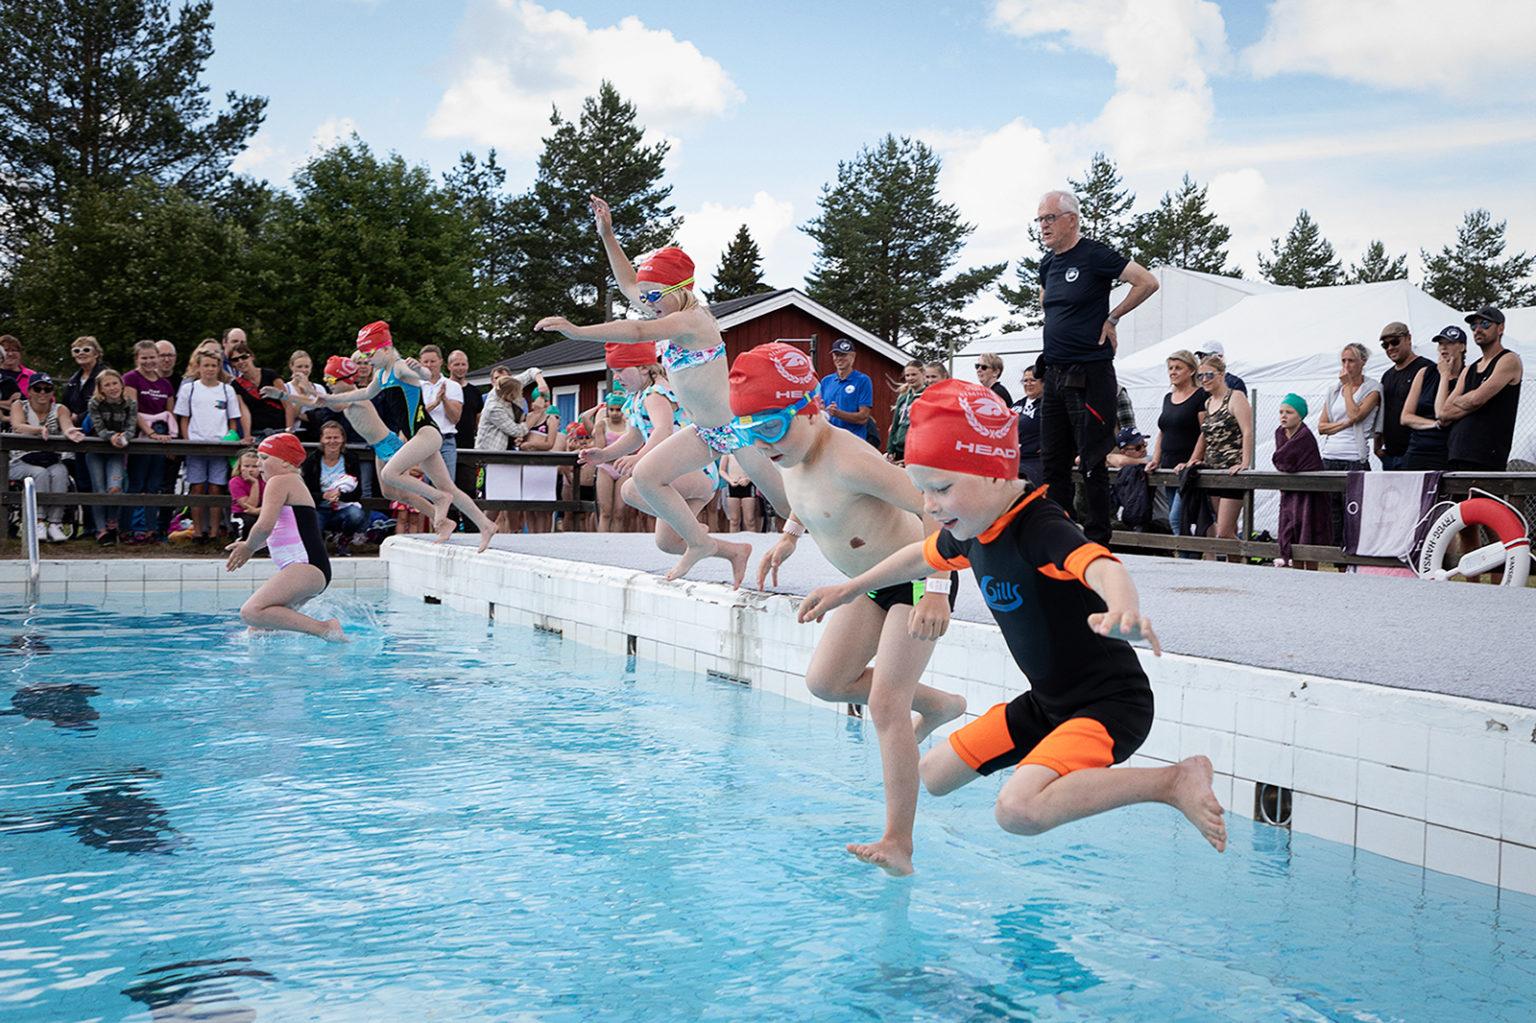 Flera barn hoppar i en pool från kanten.